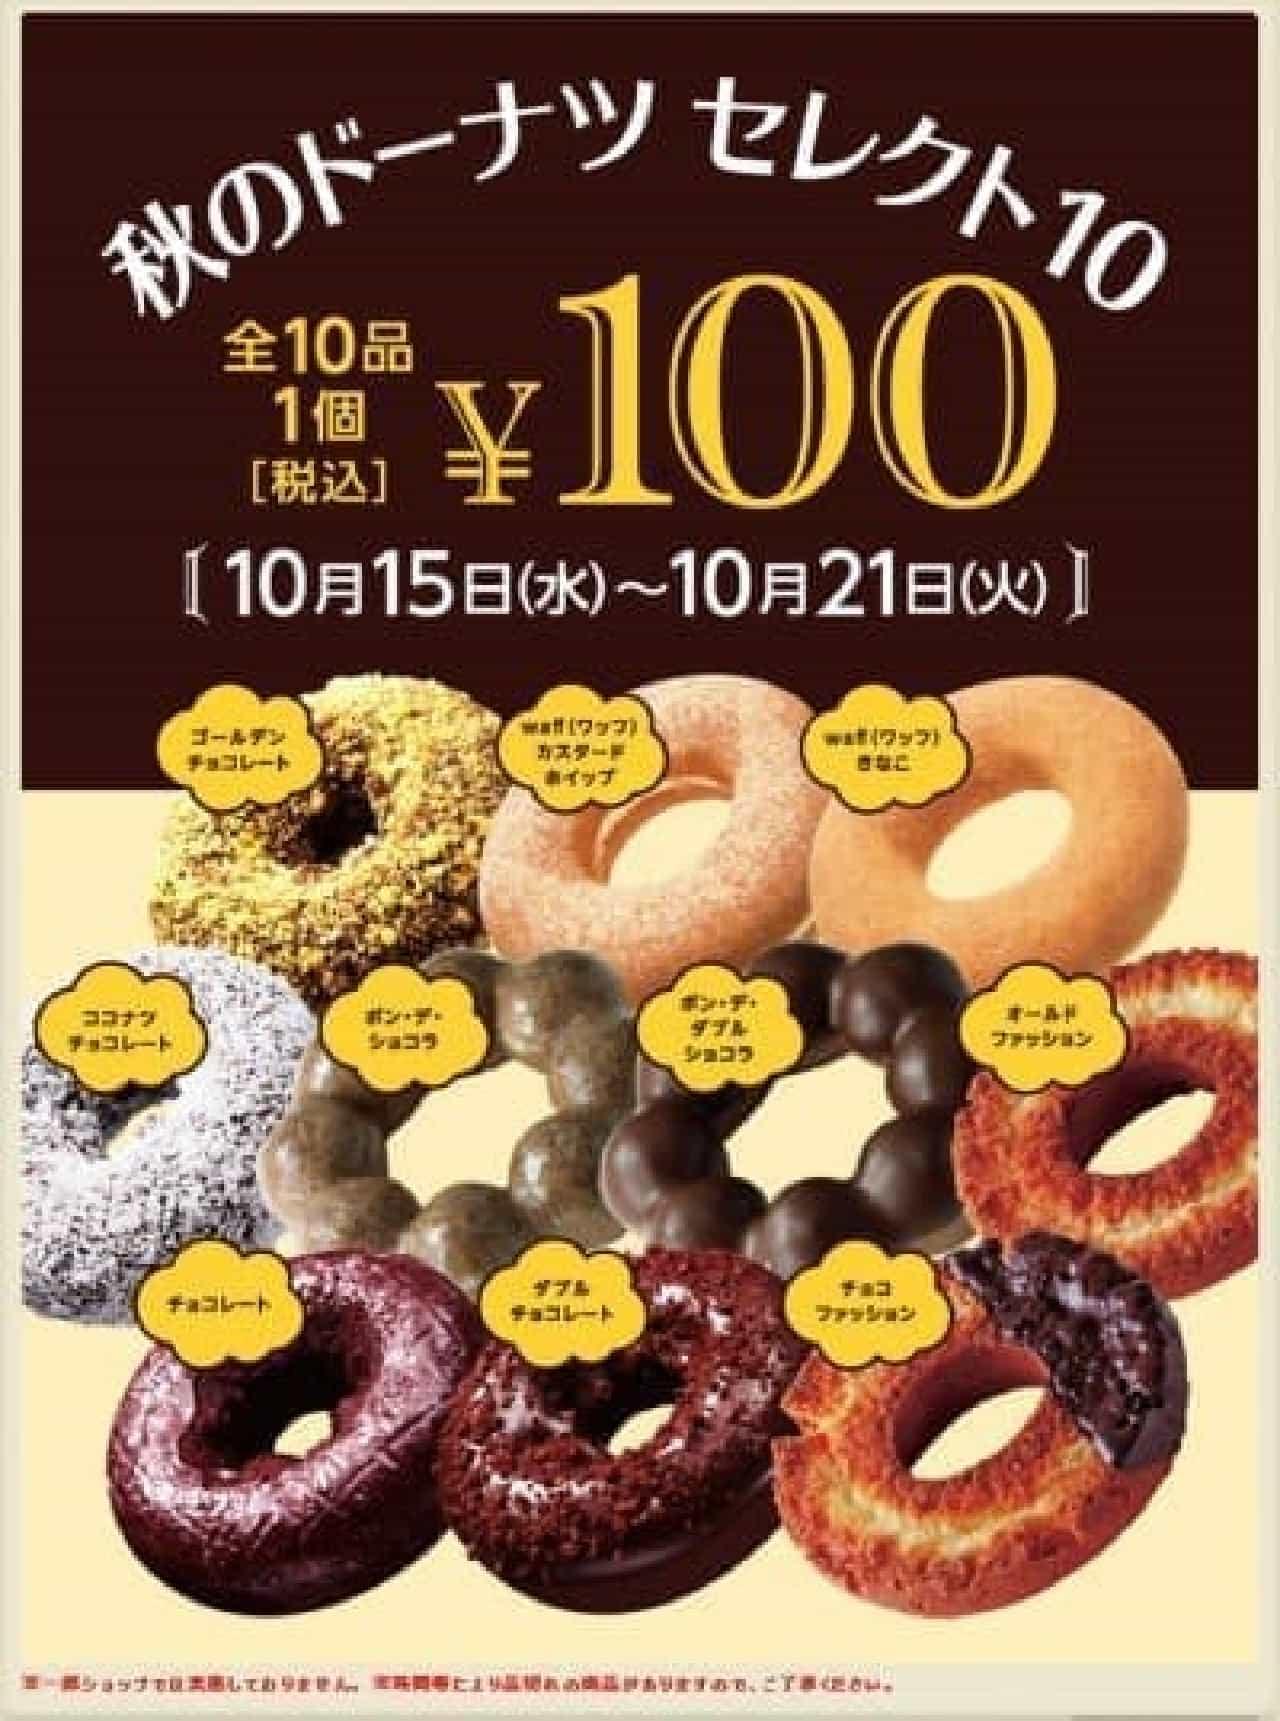 ドーナツ10種が税込100円に!  (出典:ミスタードーナツ公式サイト)